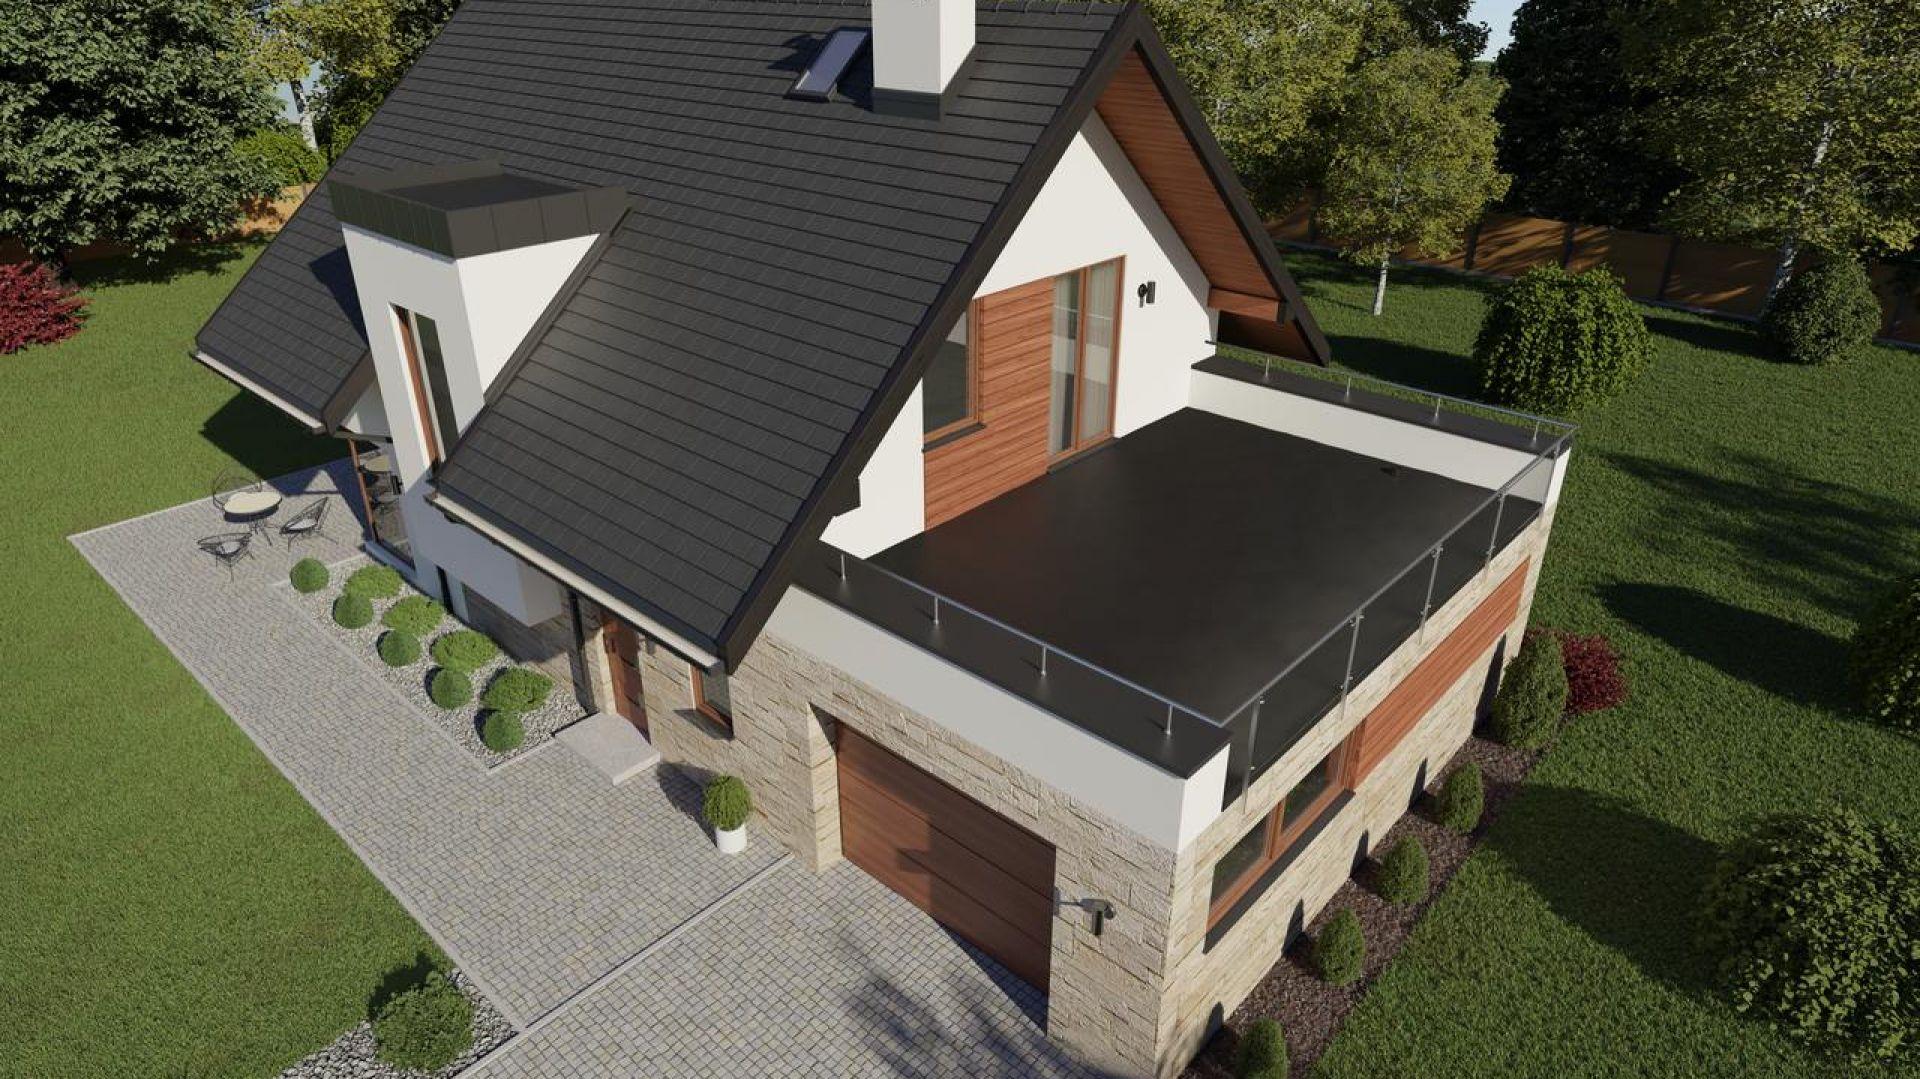 Dach płaski - wybieramy pokrycie dachowe: membranę EPDM. Fot. Galeco